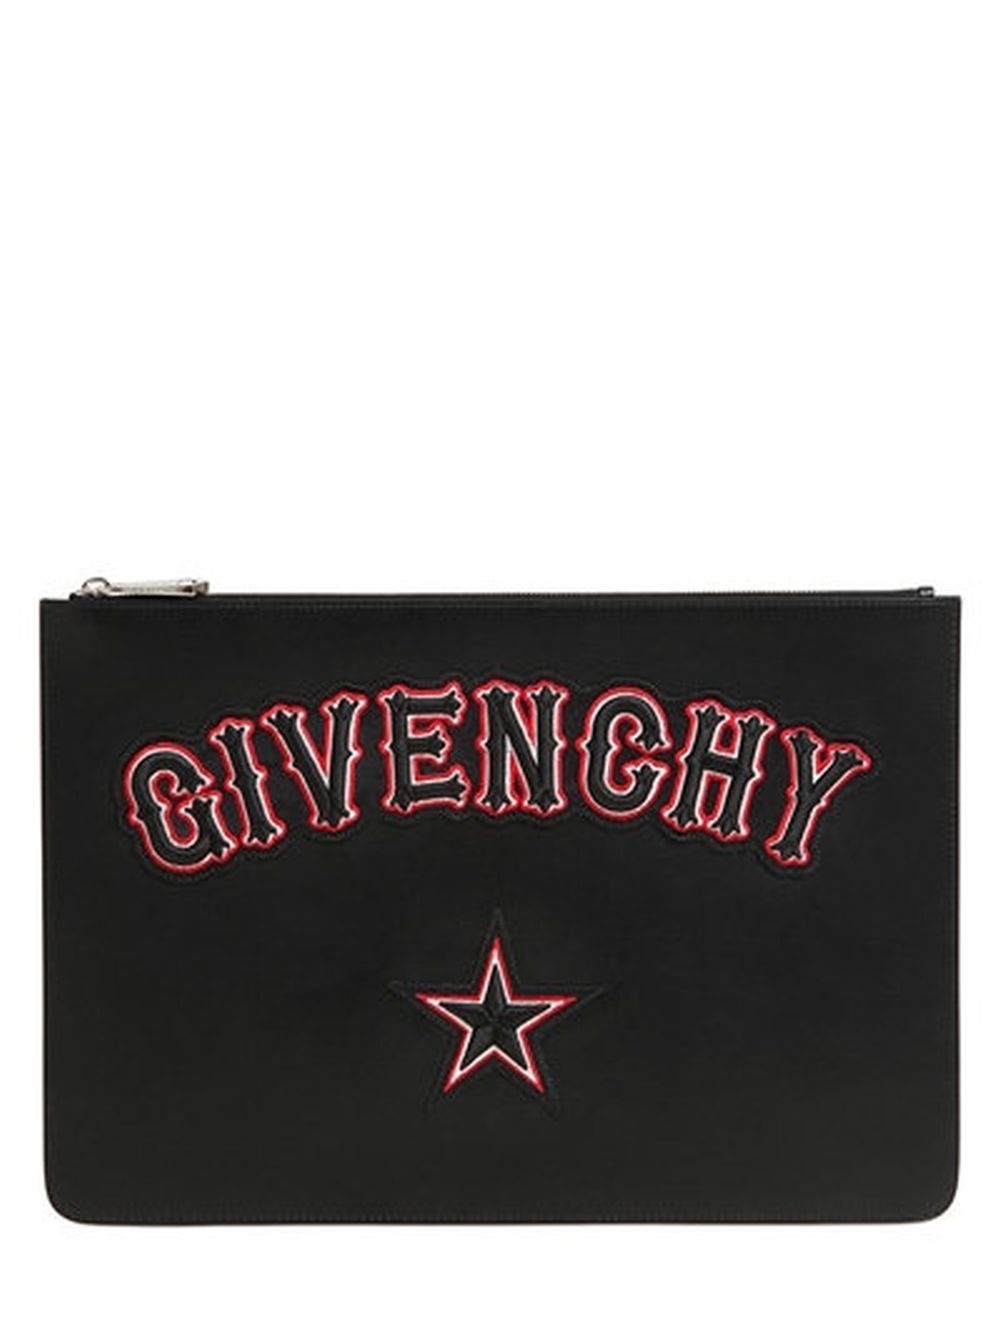 Clutch de Givenchy (c.p.v).